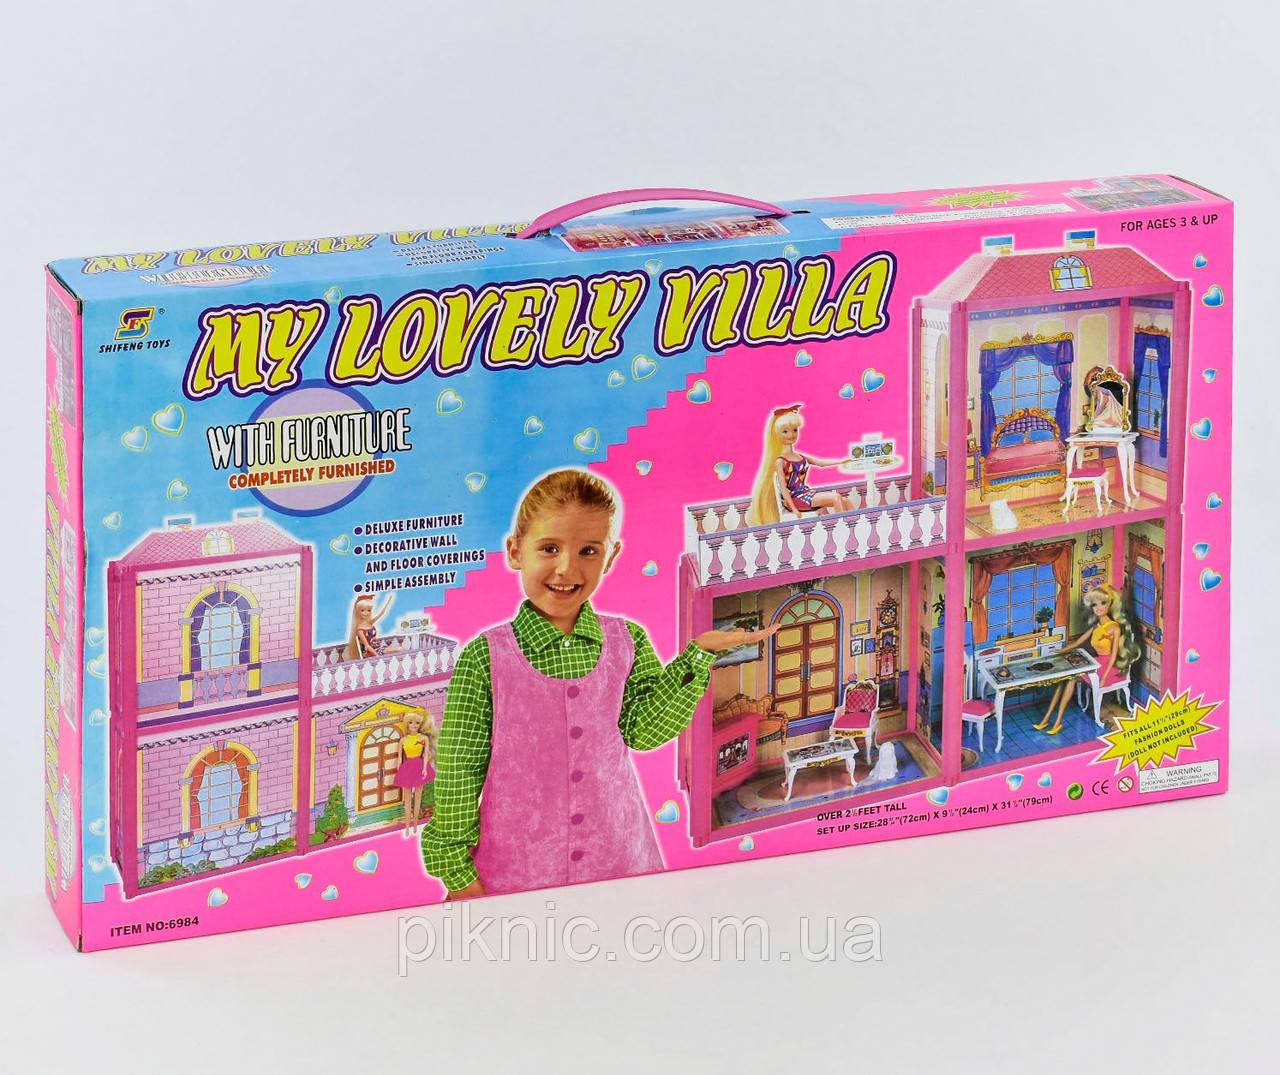 Домик для куклы двухэтажный. Кукольный дом игровой набор, подарок девочке